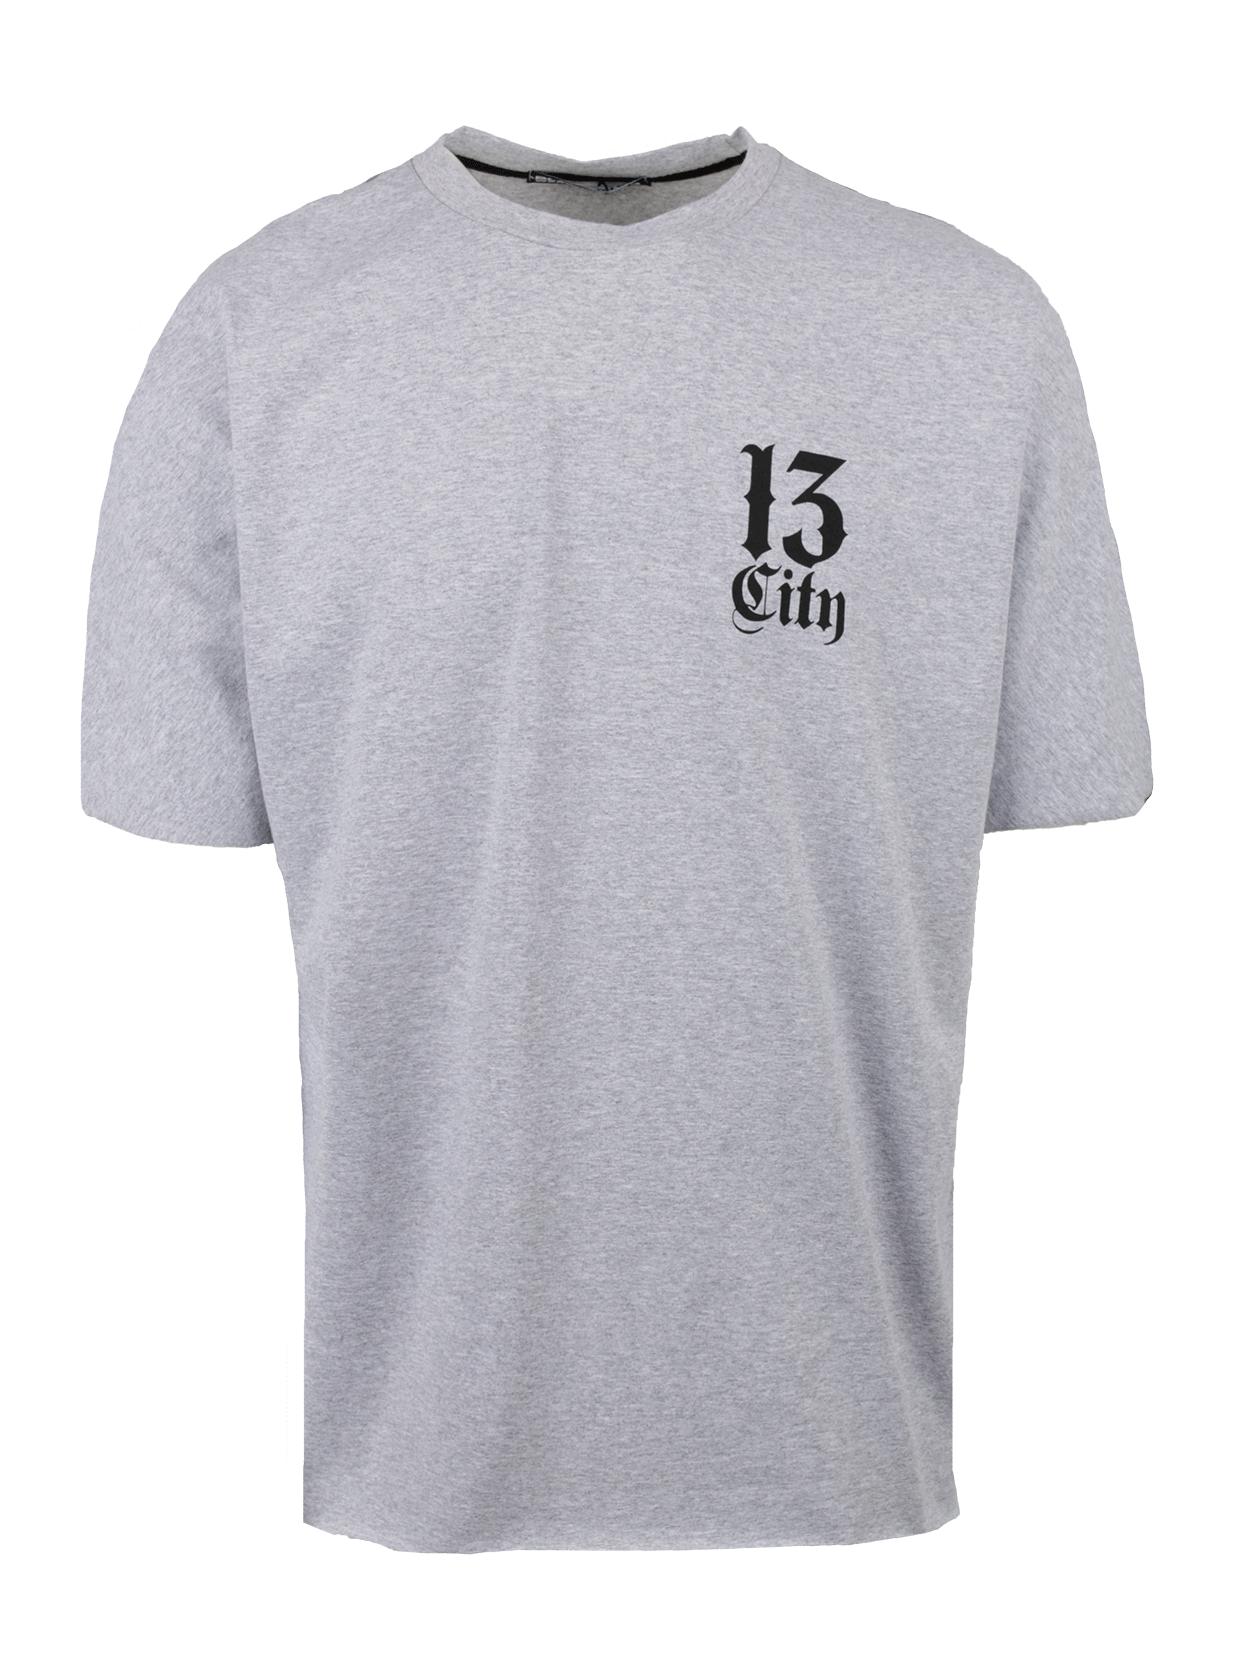 Футболка мужская CITY 13Стильная футболка мужская City 13 станет незаменимой вещью в повседневном гардеробе. Модель классического прямого свободного силуэта, низ слегка удлинен. Цельнокроеный широкий рукав, округлая эластичная горловина. Внутри по вороту спинки оформлен жаккардовый лейбл Black Star Wear. Изделие сшито из 100% хлопка премиального качества, за счет которого создается максимальный комфорт при движении. Футболка представлена в черном цвете, на спине контрастная белая надпись Black Star, на груди небольшая надпись City 13.<br><br>Размер: XS<br>Цвет: Серый<br>Пол: Мужской